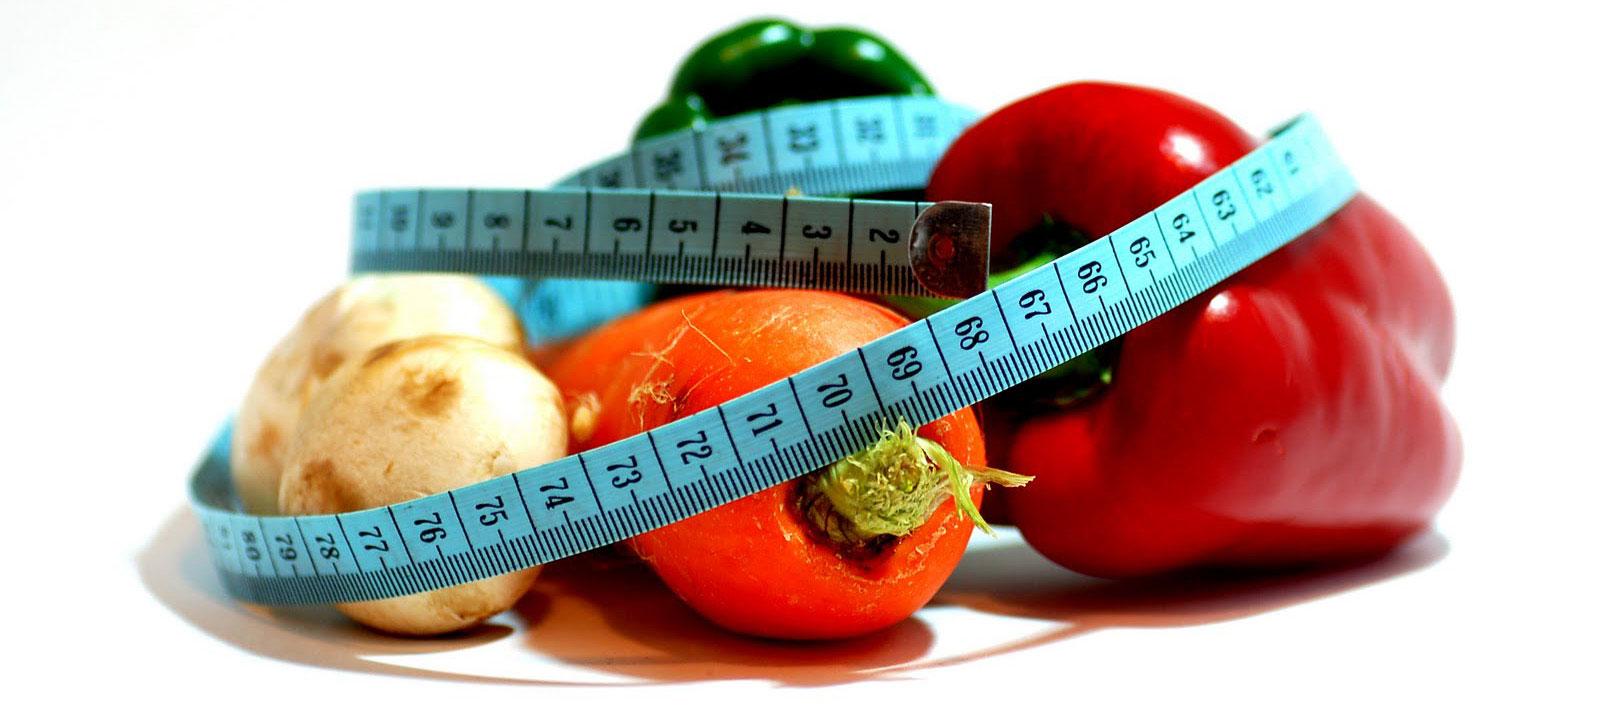 frutas-fita-metrica